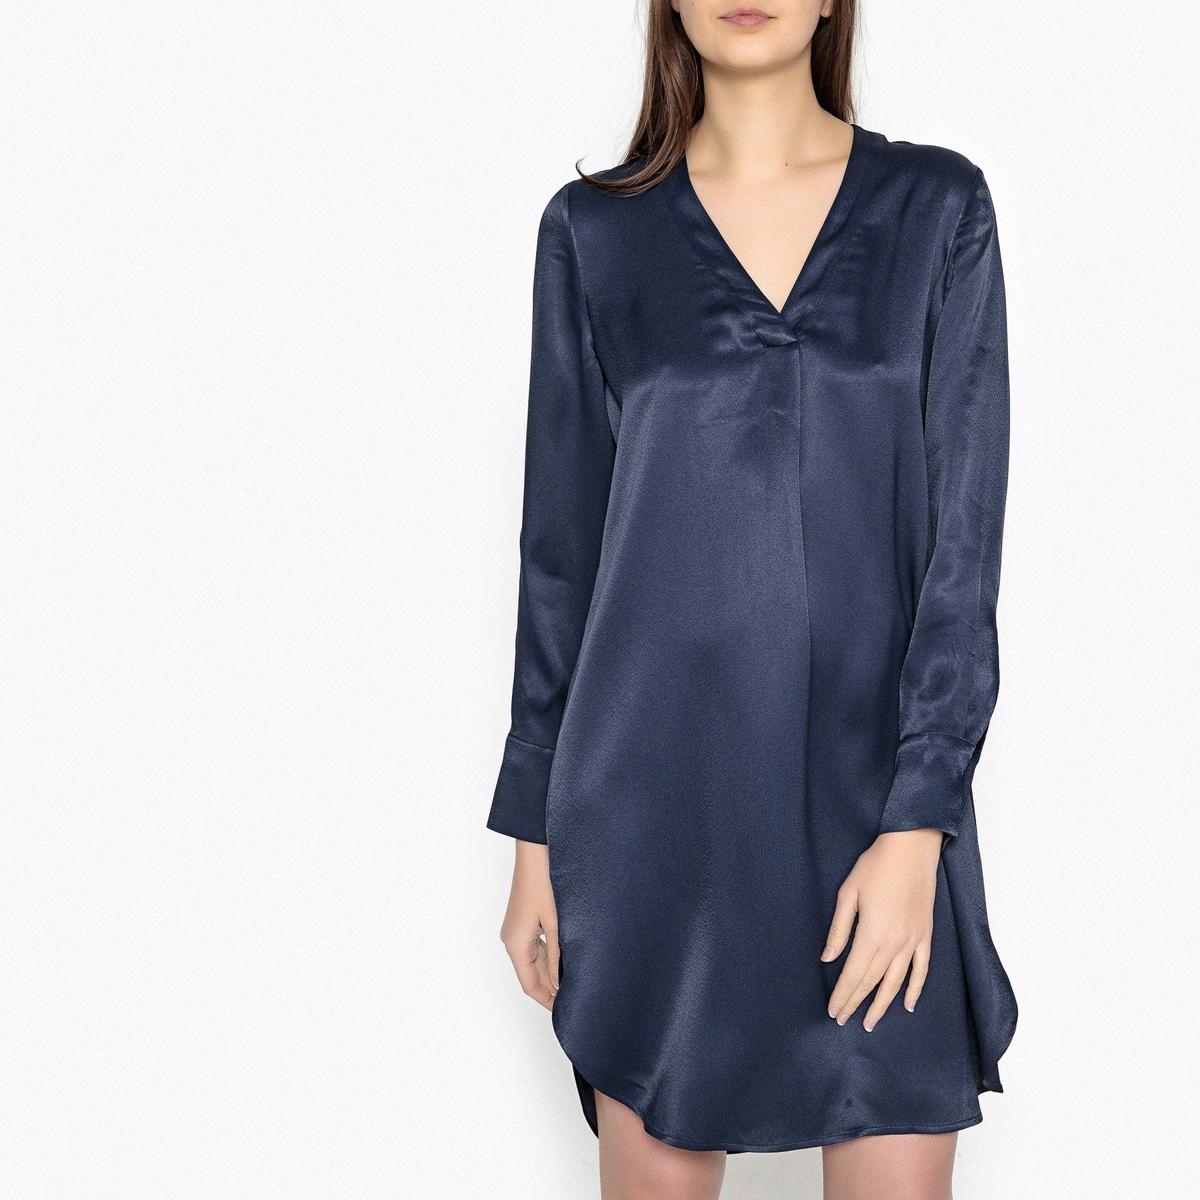 Платье-рубашка с V-образным вырезом из атласной ткани HAMILLОписание:Платье-рубашка с длинными рукавами SAMS?E &amp; SAMS?E - модель HAMILL. Ткань из вискозы, прямые рукава, манжеты на пуговицах. Глубокие складки спереди, закругленный низ.Детали •  Форма : прямая •  Длина до колен •  Длинные рукава    •   V-образный вырезСостав и уход •  100% вискоза •  Следуйте рекомендациям по уходу, указанным на этикетке изделия •  Длина : ок. 96 см. для размера S<br><br>Цвет: темно-синий